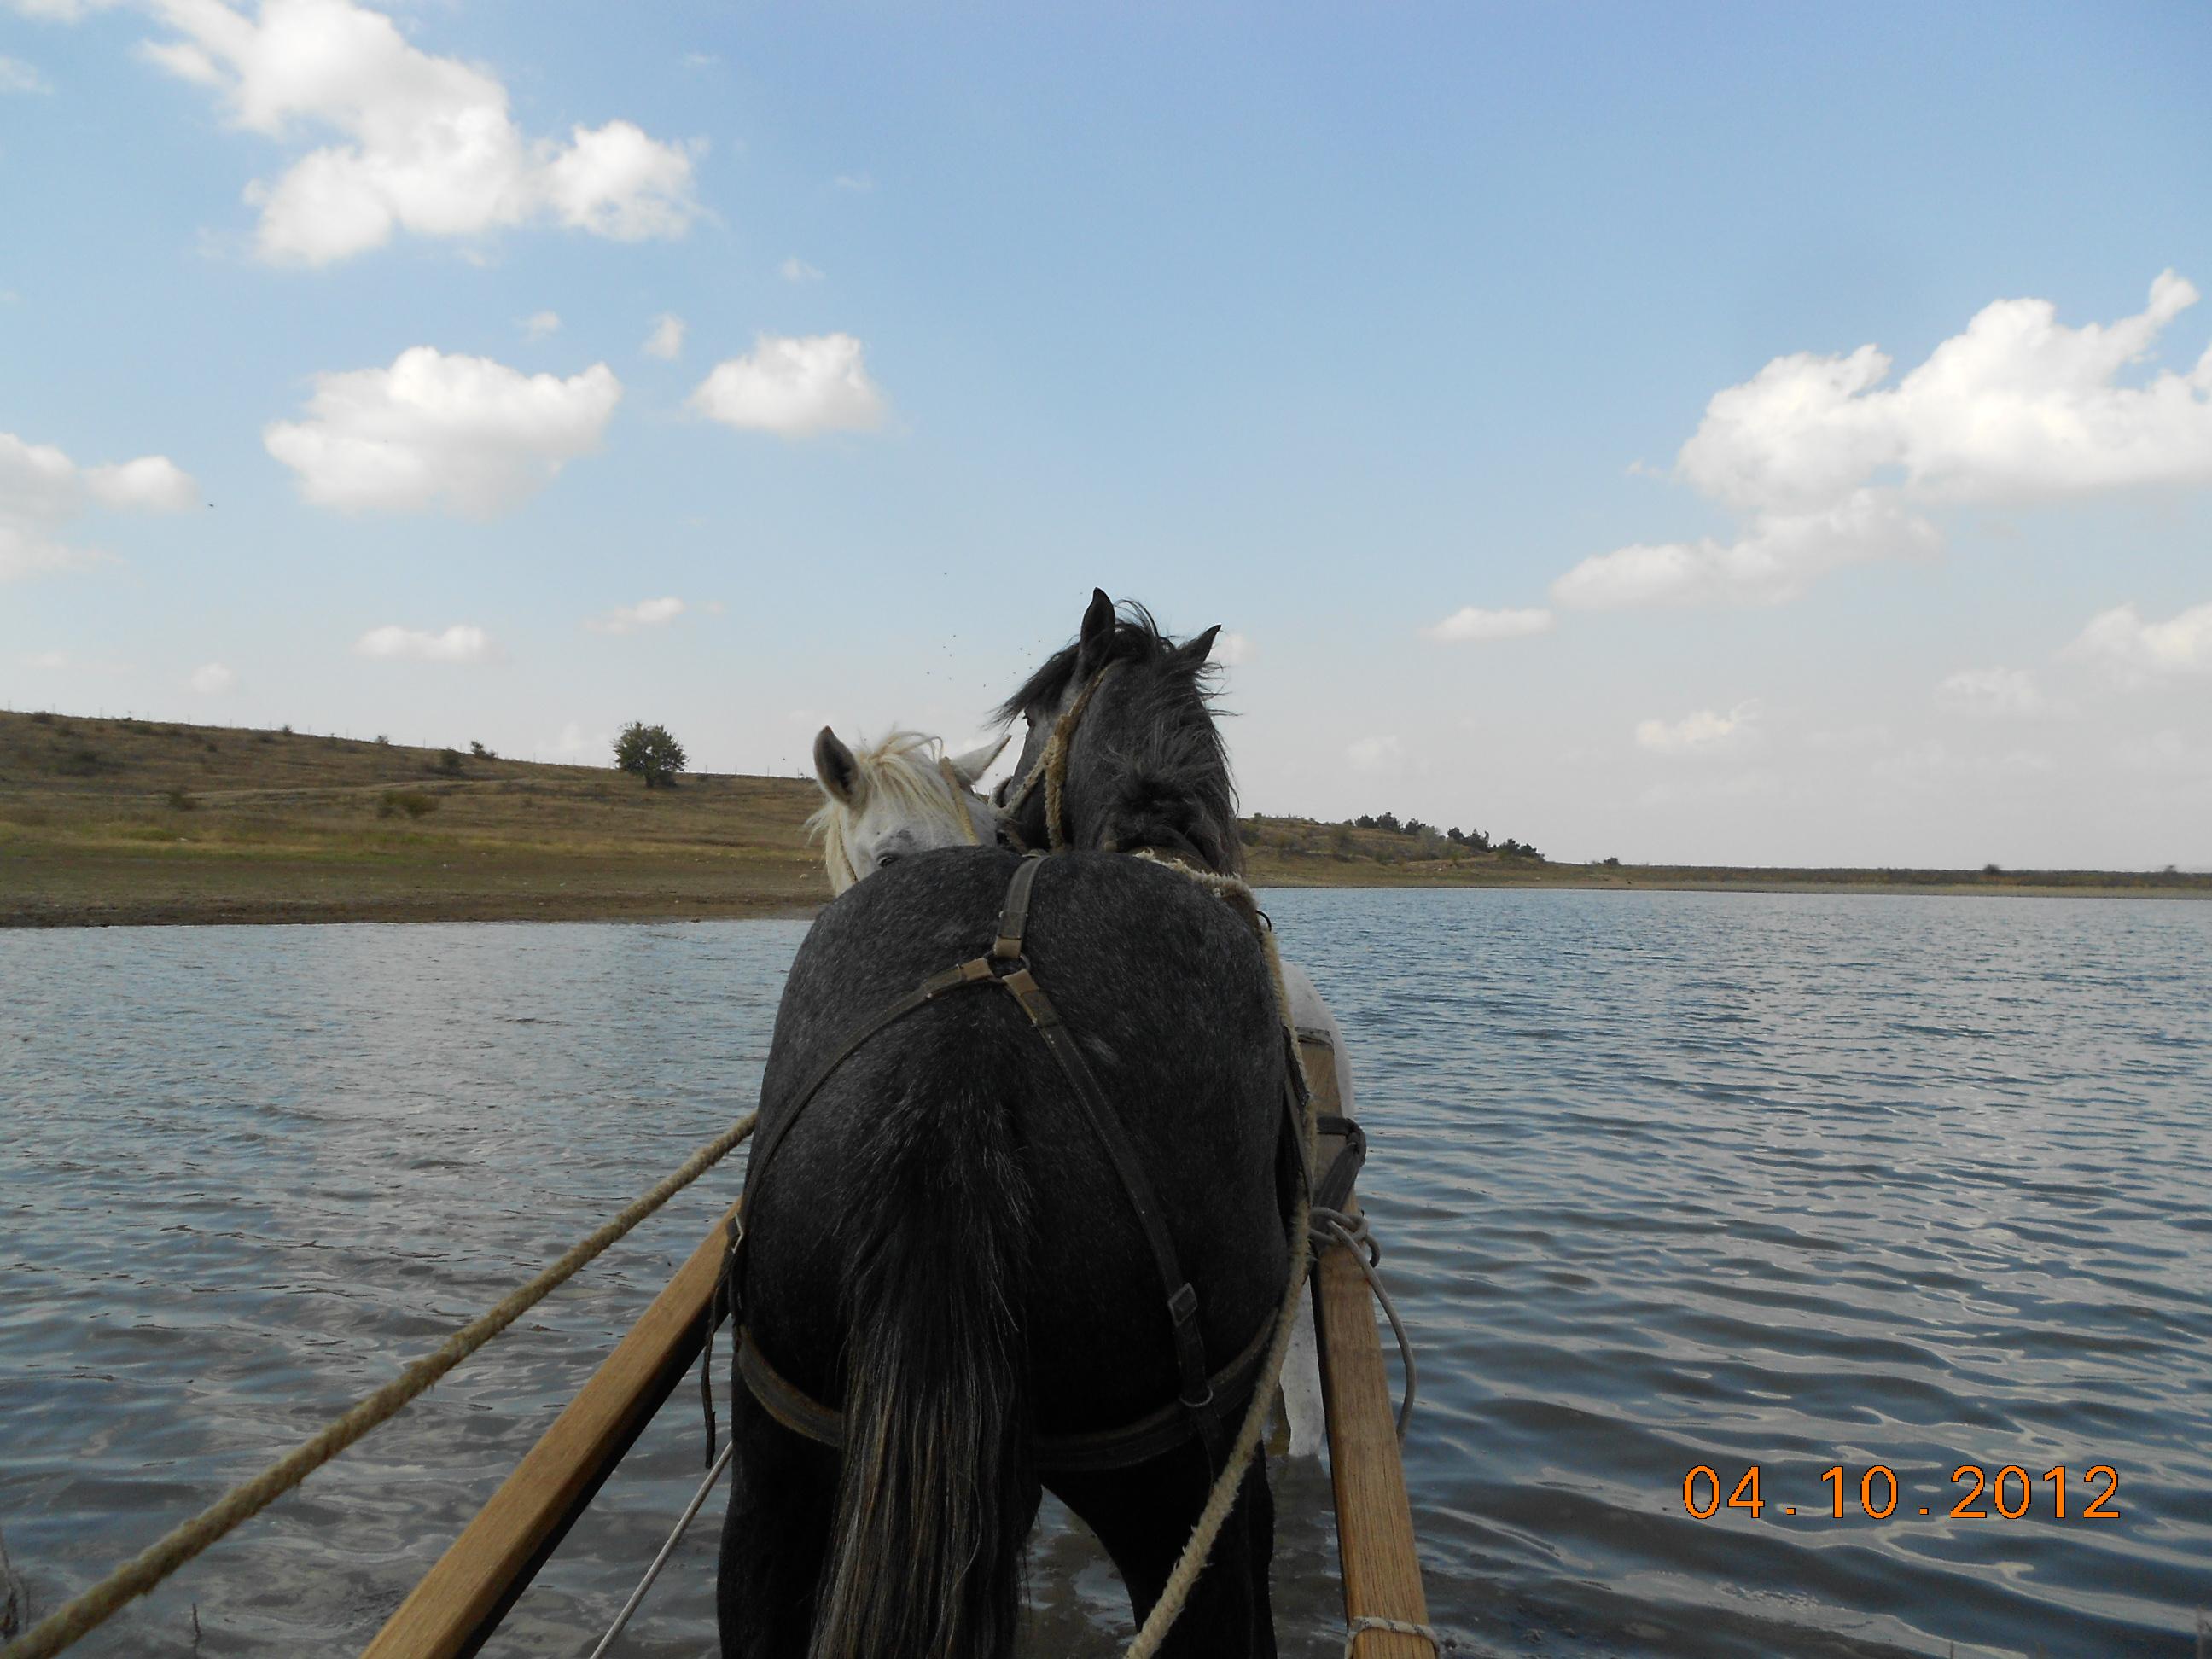 лошади, путешествия, Крым